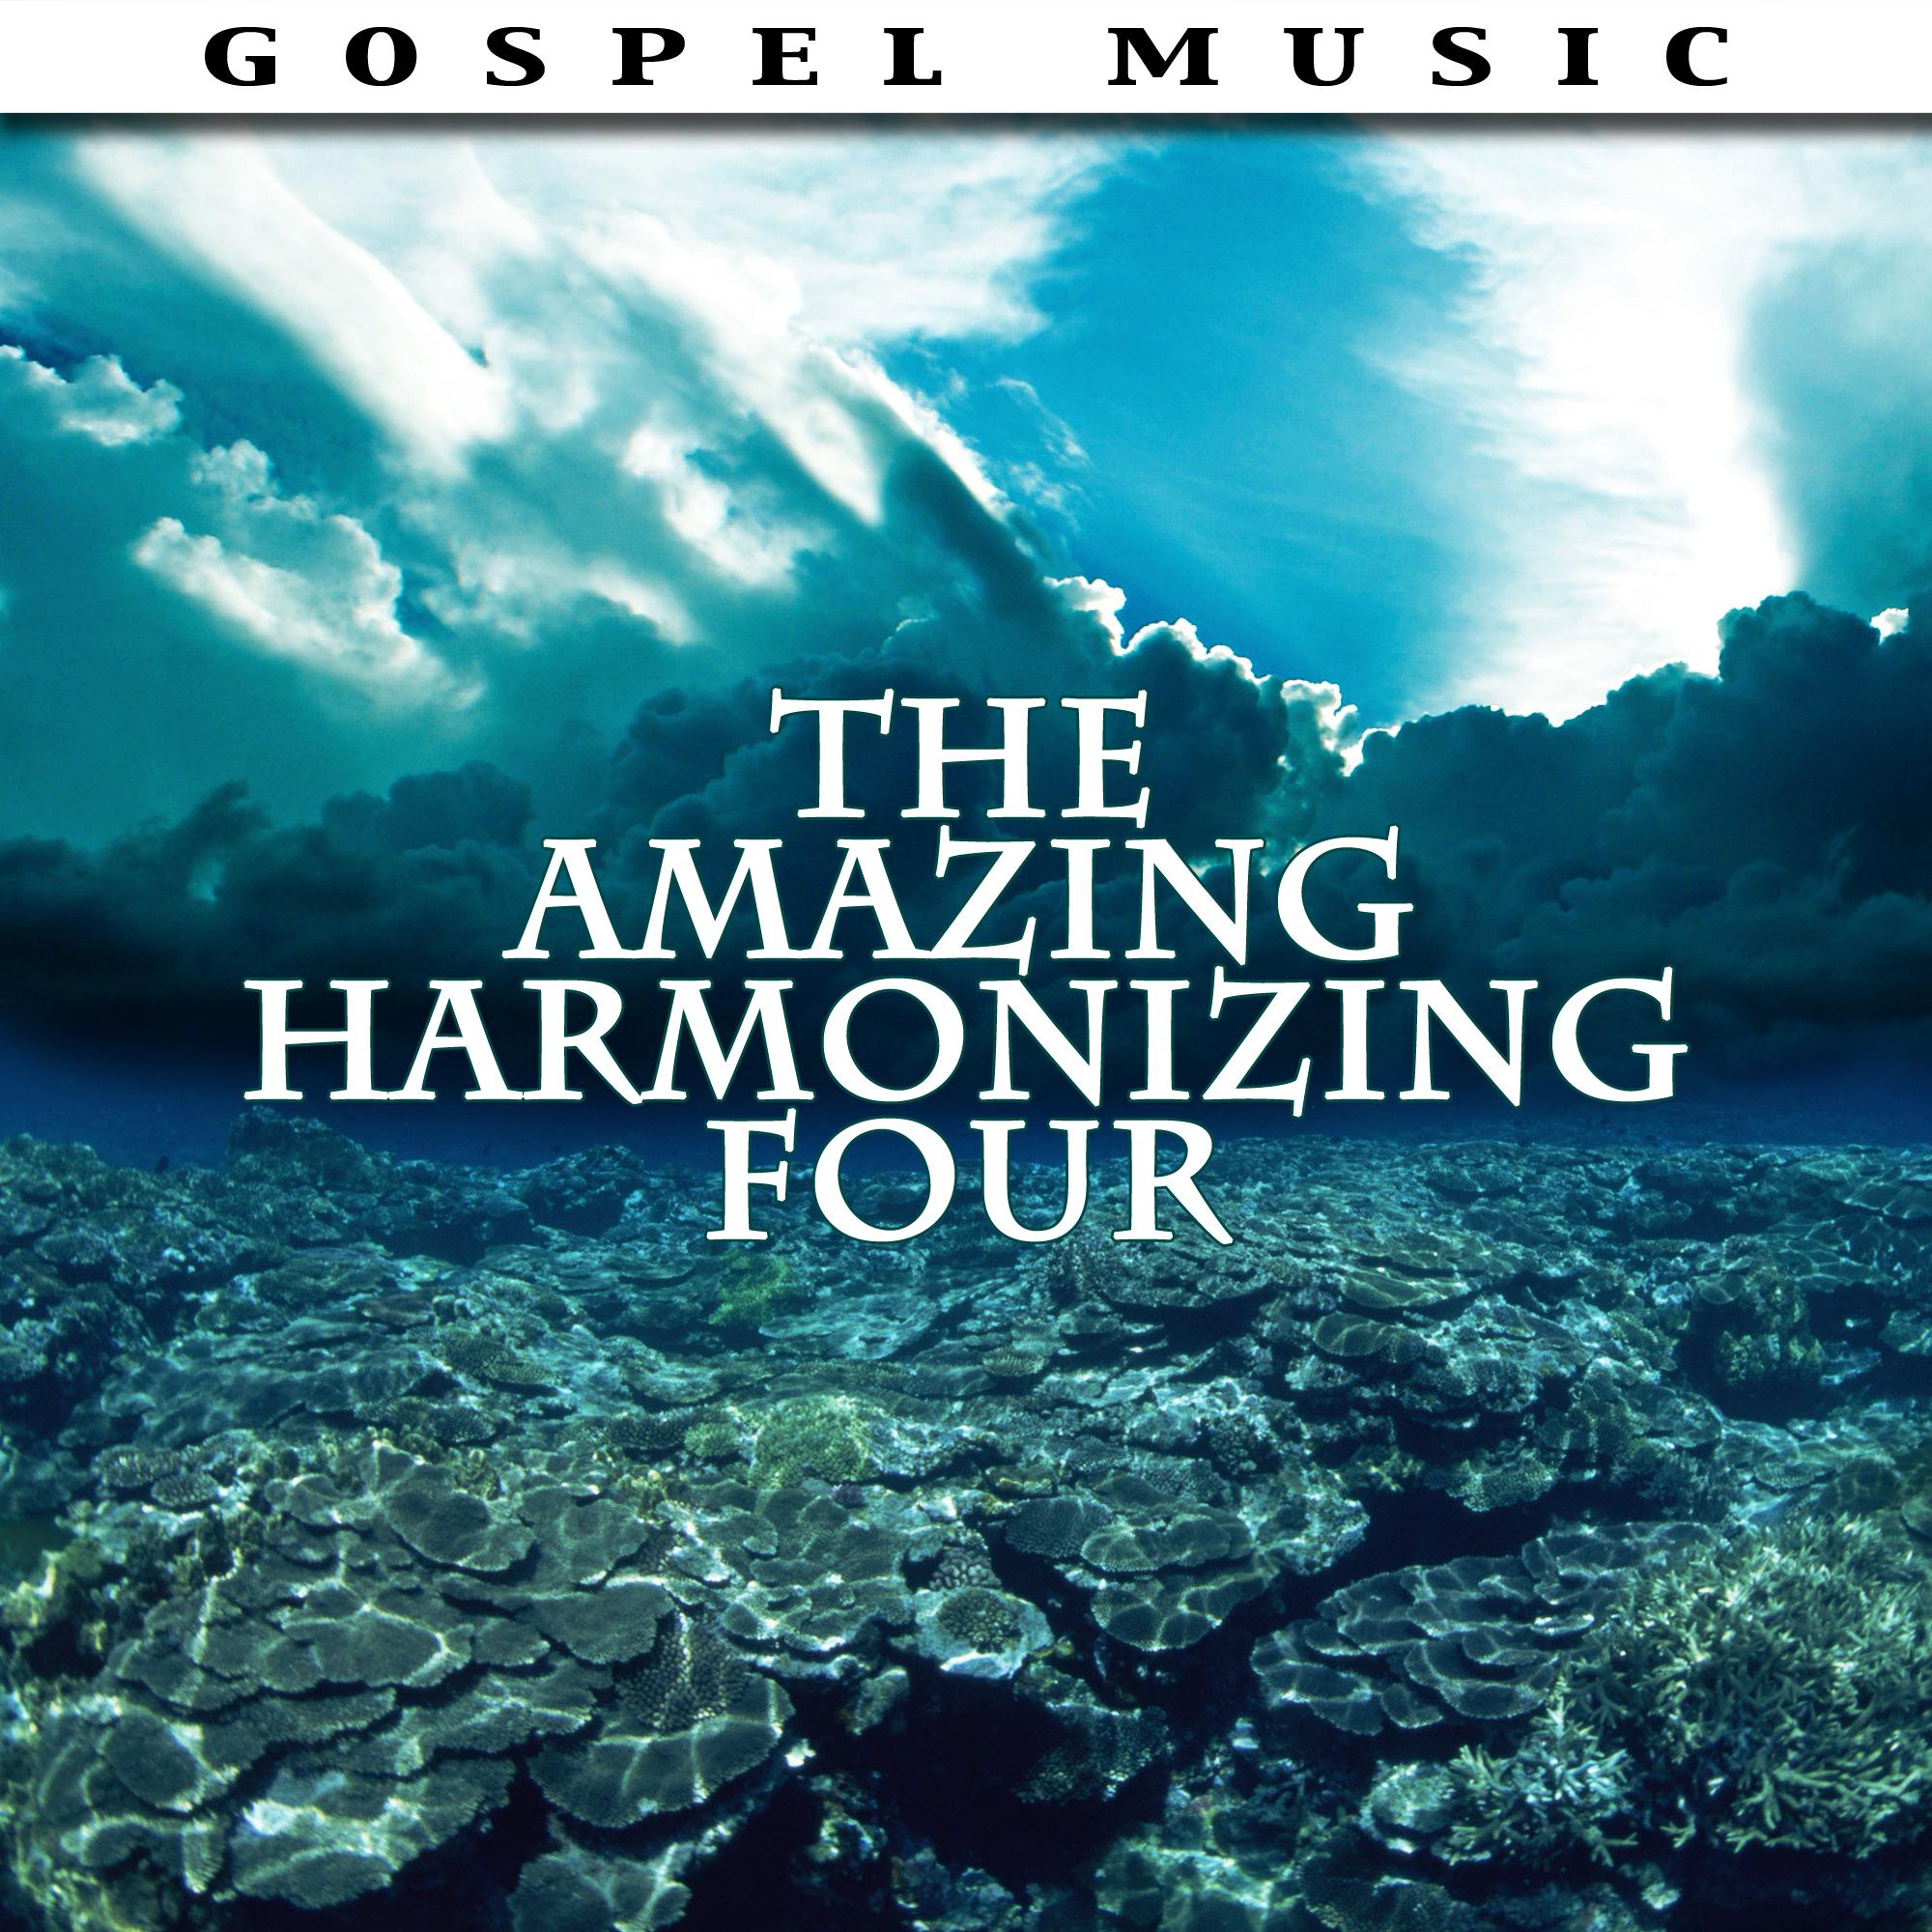 The Amazing Harmonizing Four - The Harmonizing Four